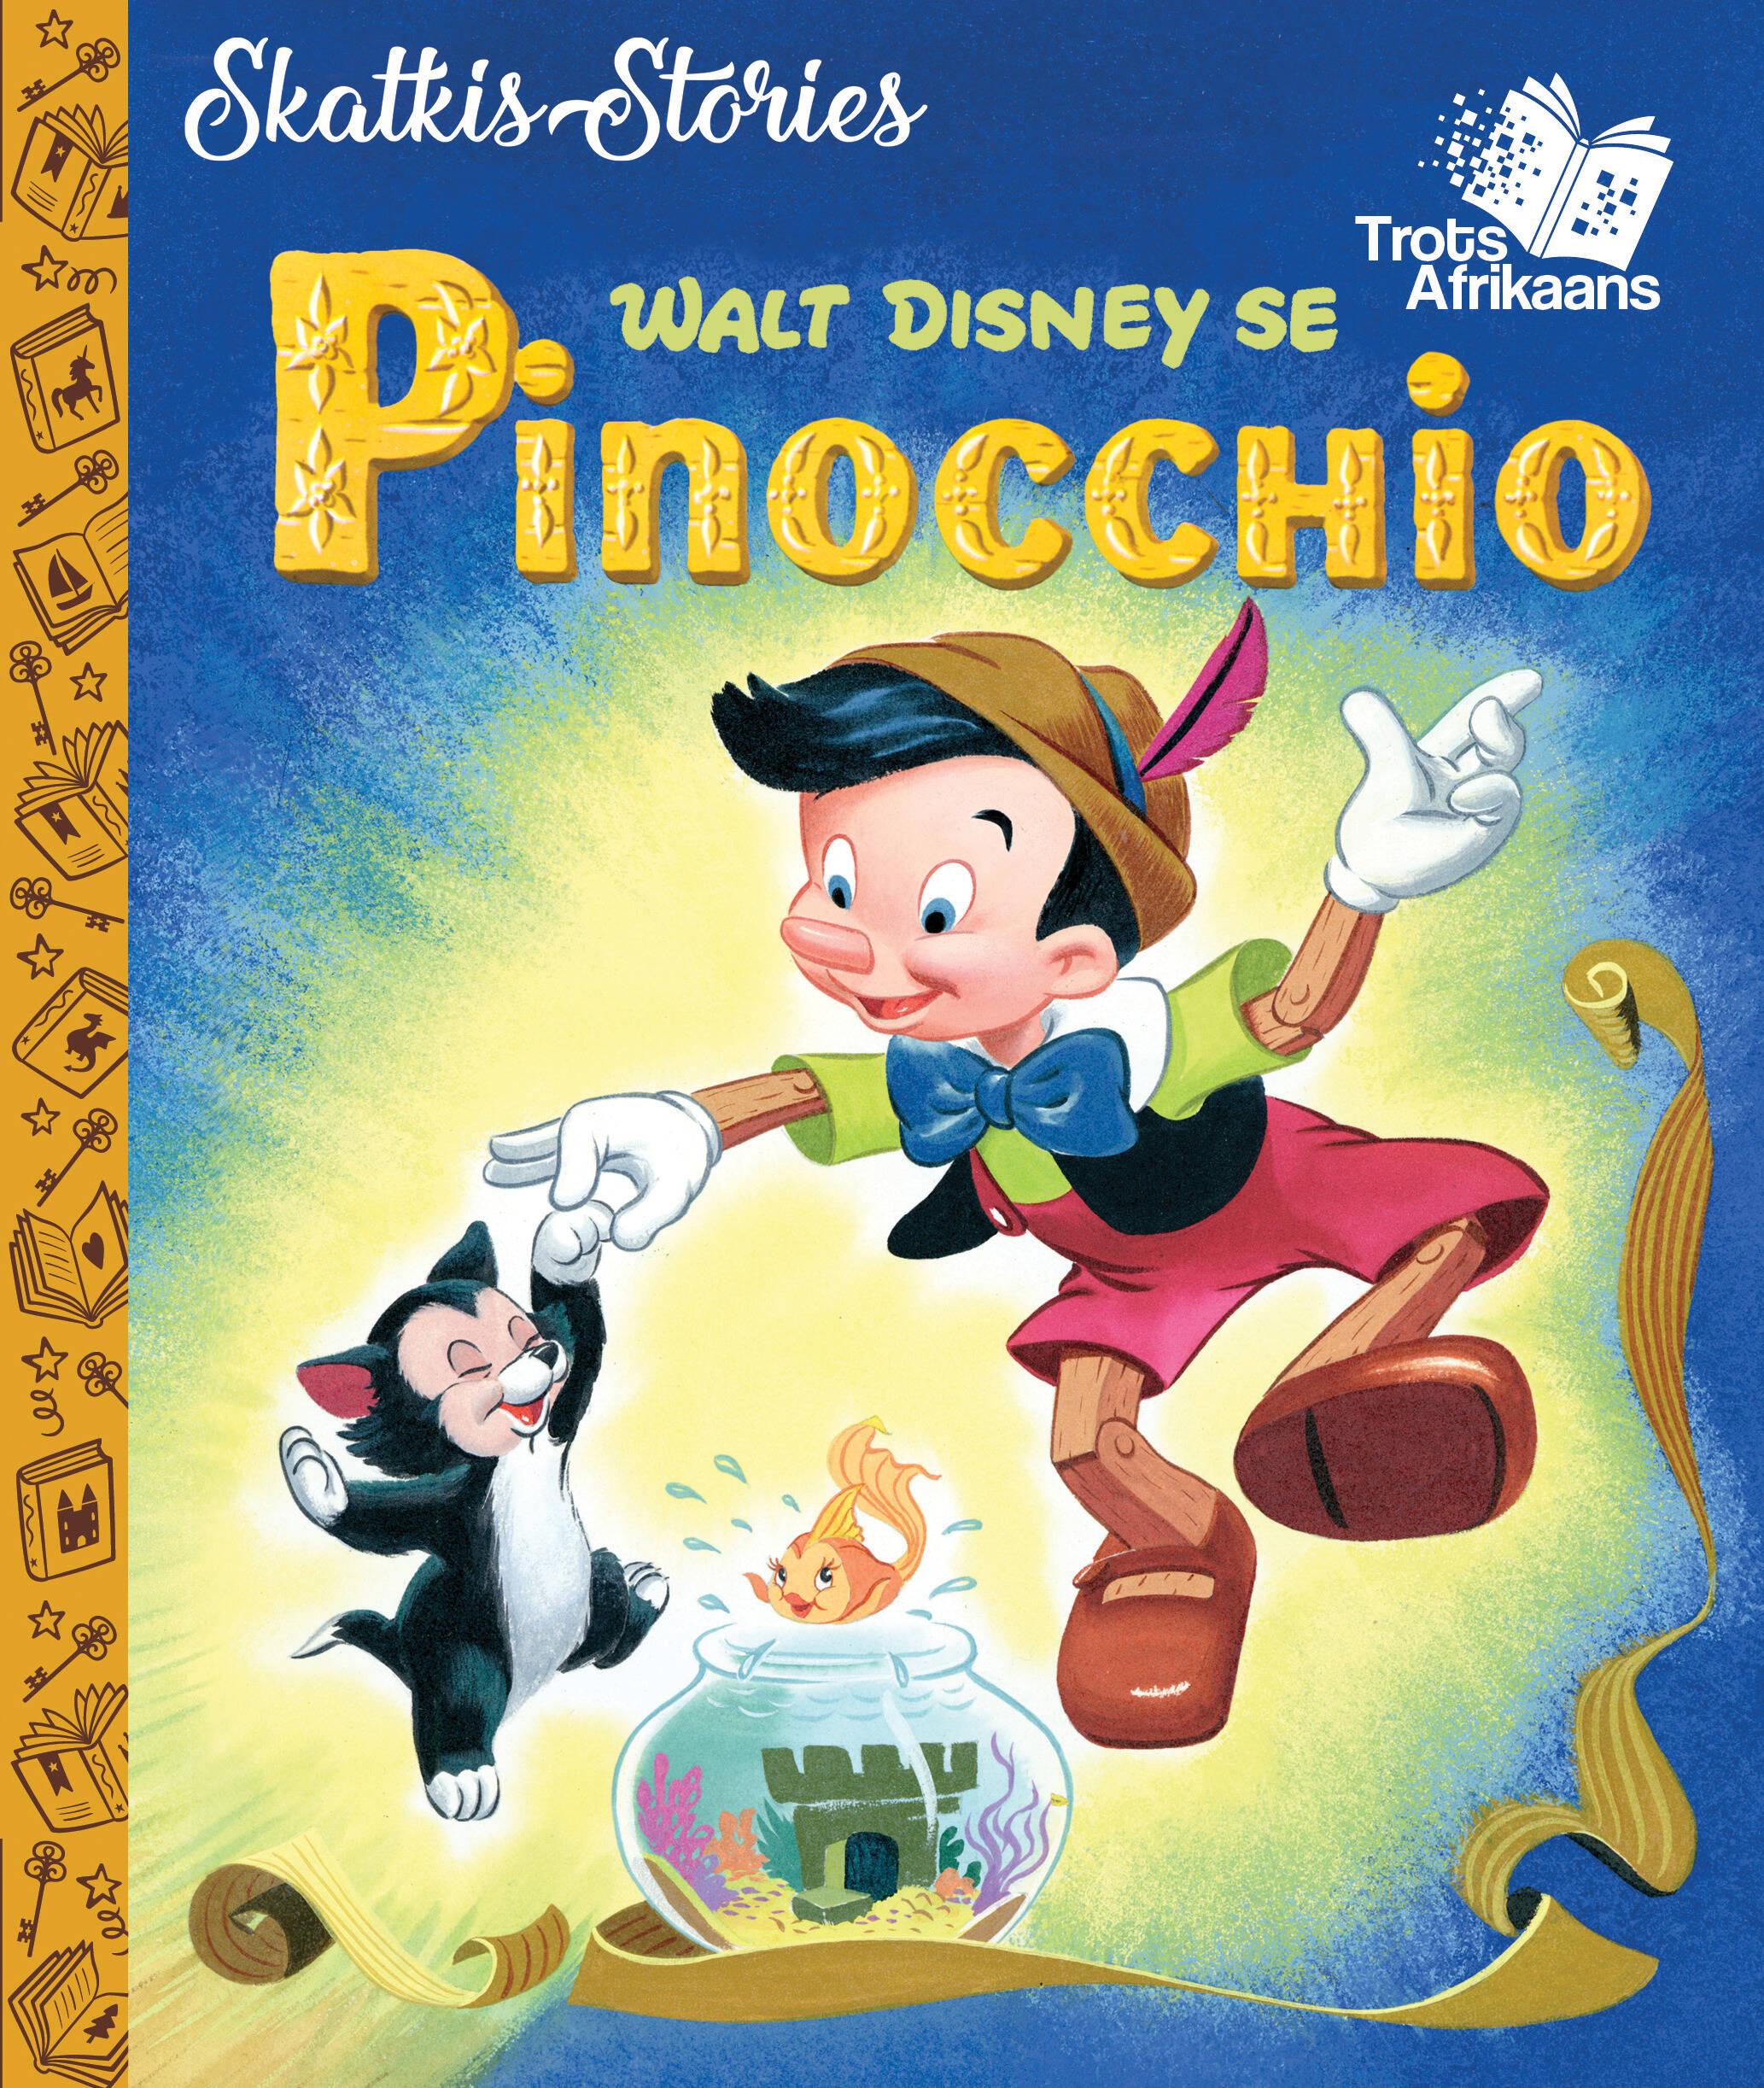 Disney Pinocchio - Skatkis-Stories